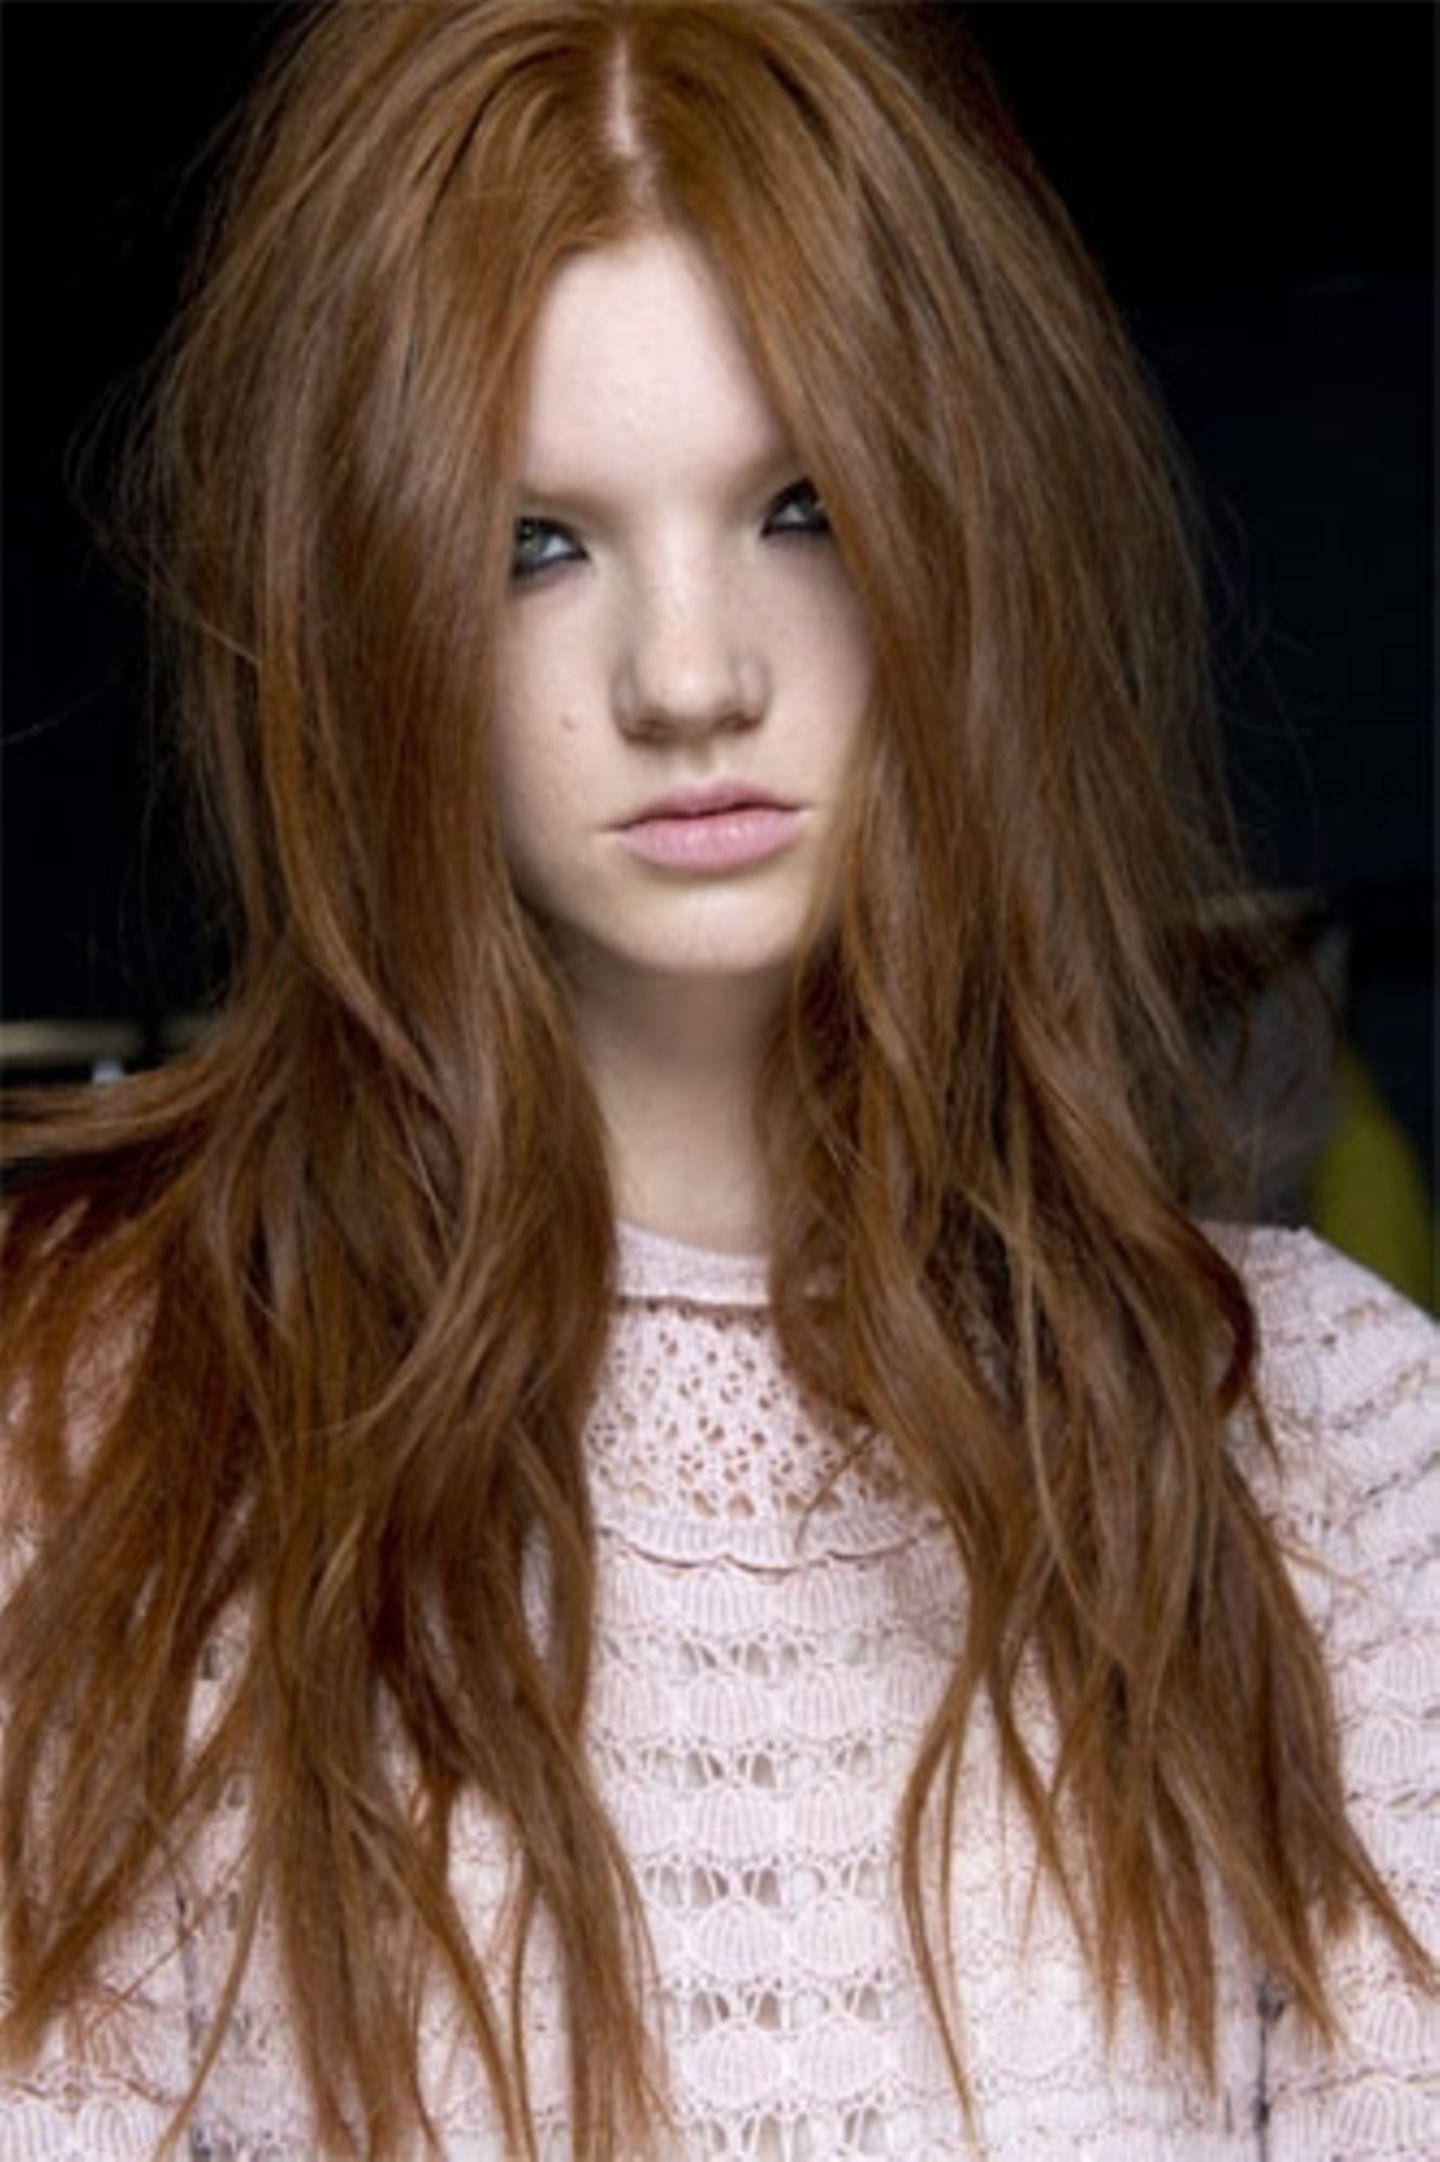 Sexy Frisur, weil: eine lange, dicke, rote, gewellte Mähne eine Naturgewalt ist.